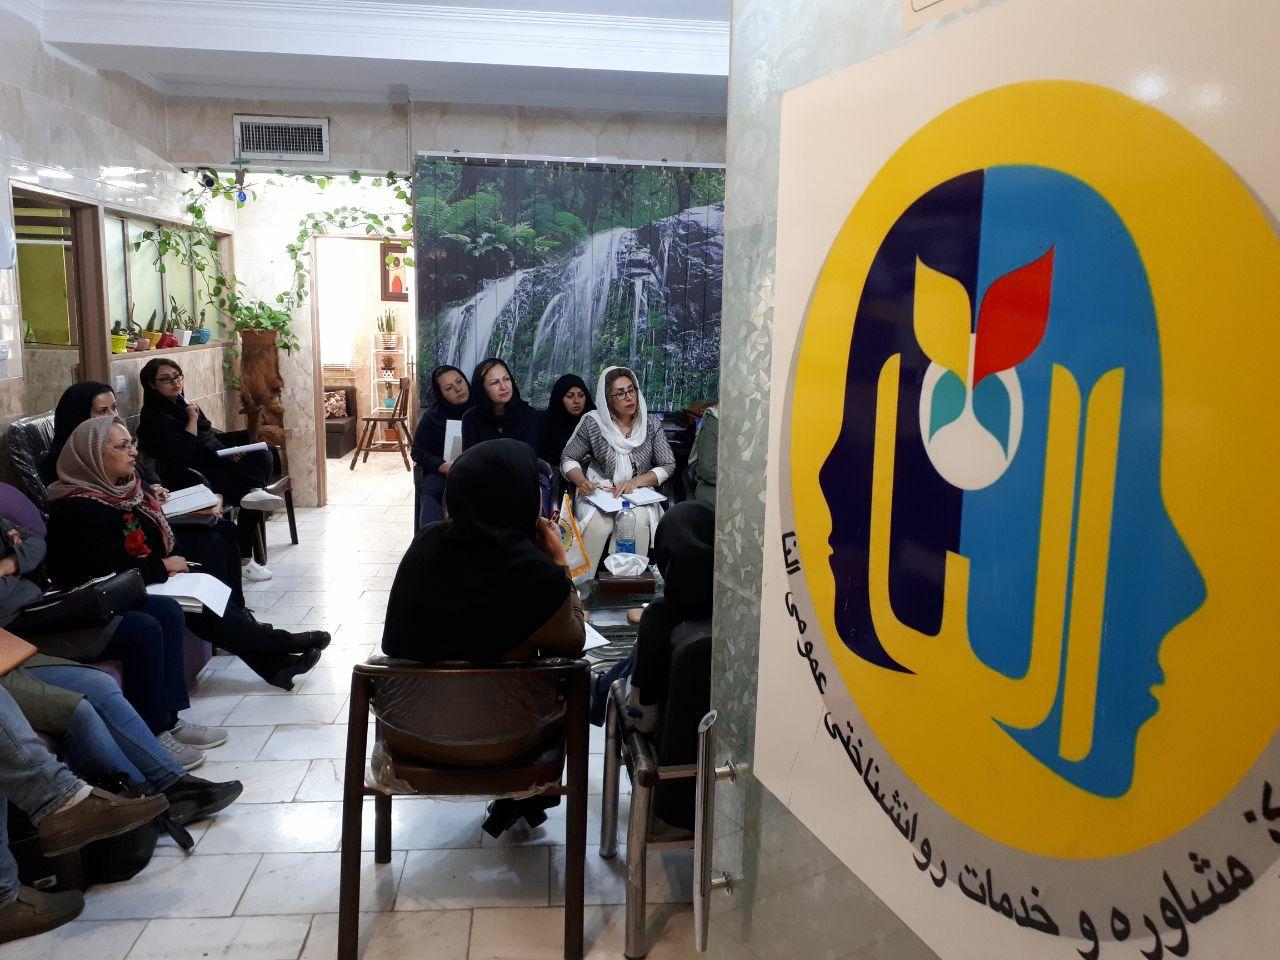 فعالیت مراکز مشاوره و خدمات روانشناختی بهزیستی شهرستان ملارد